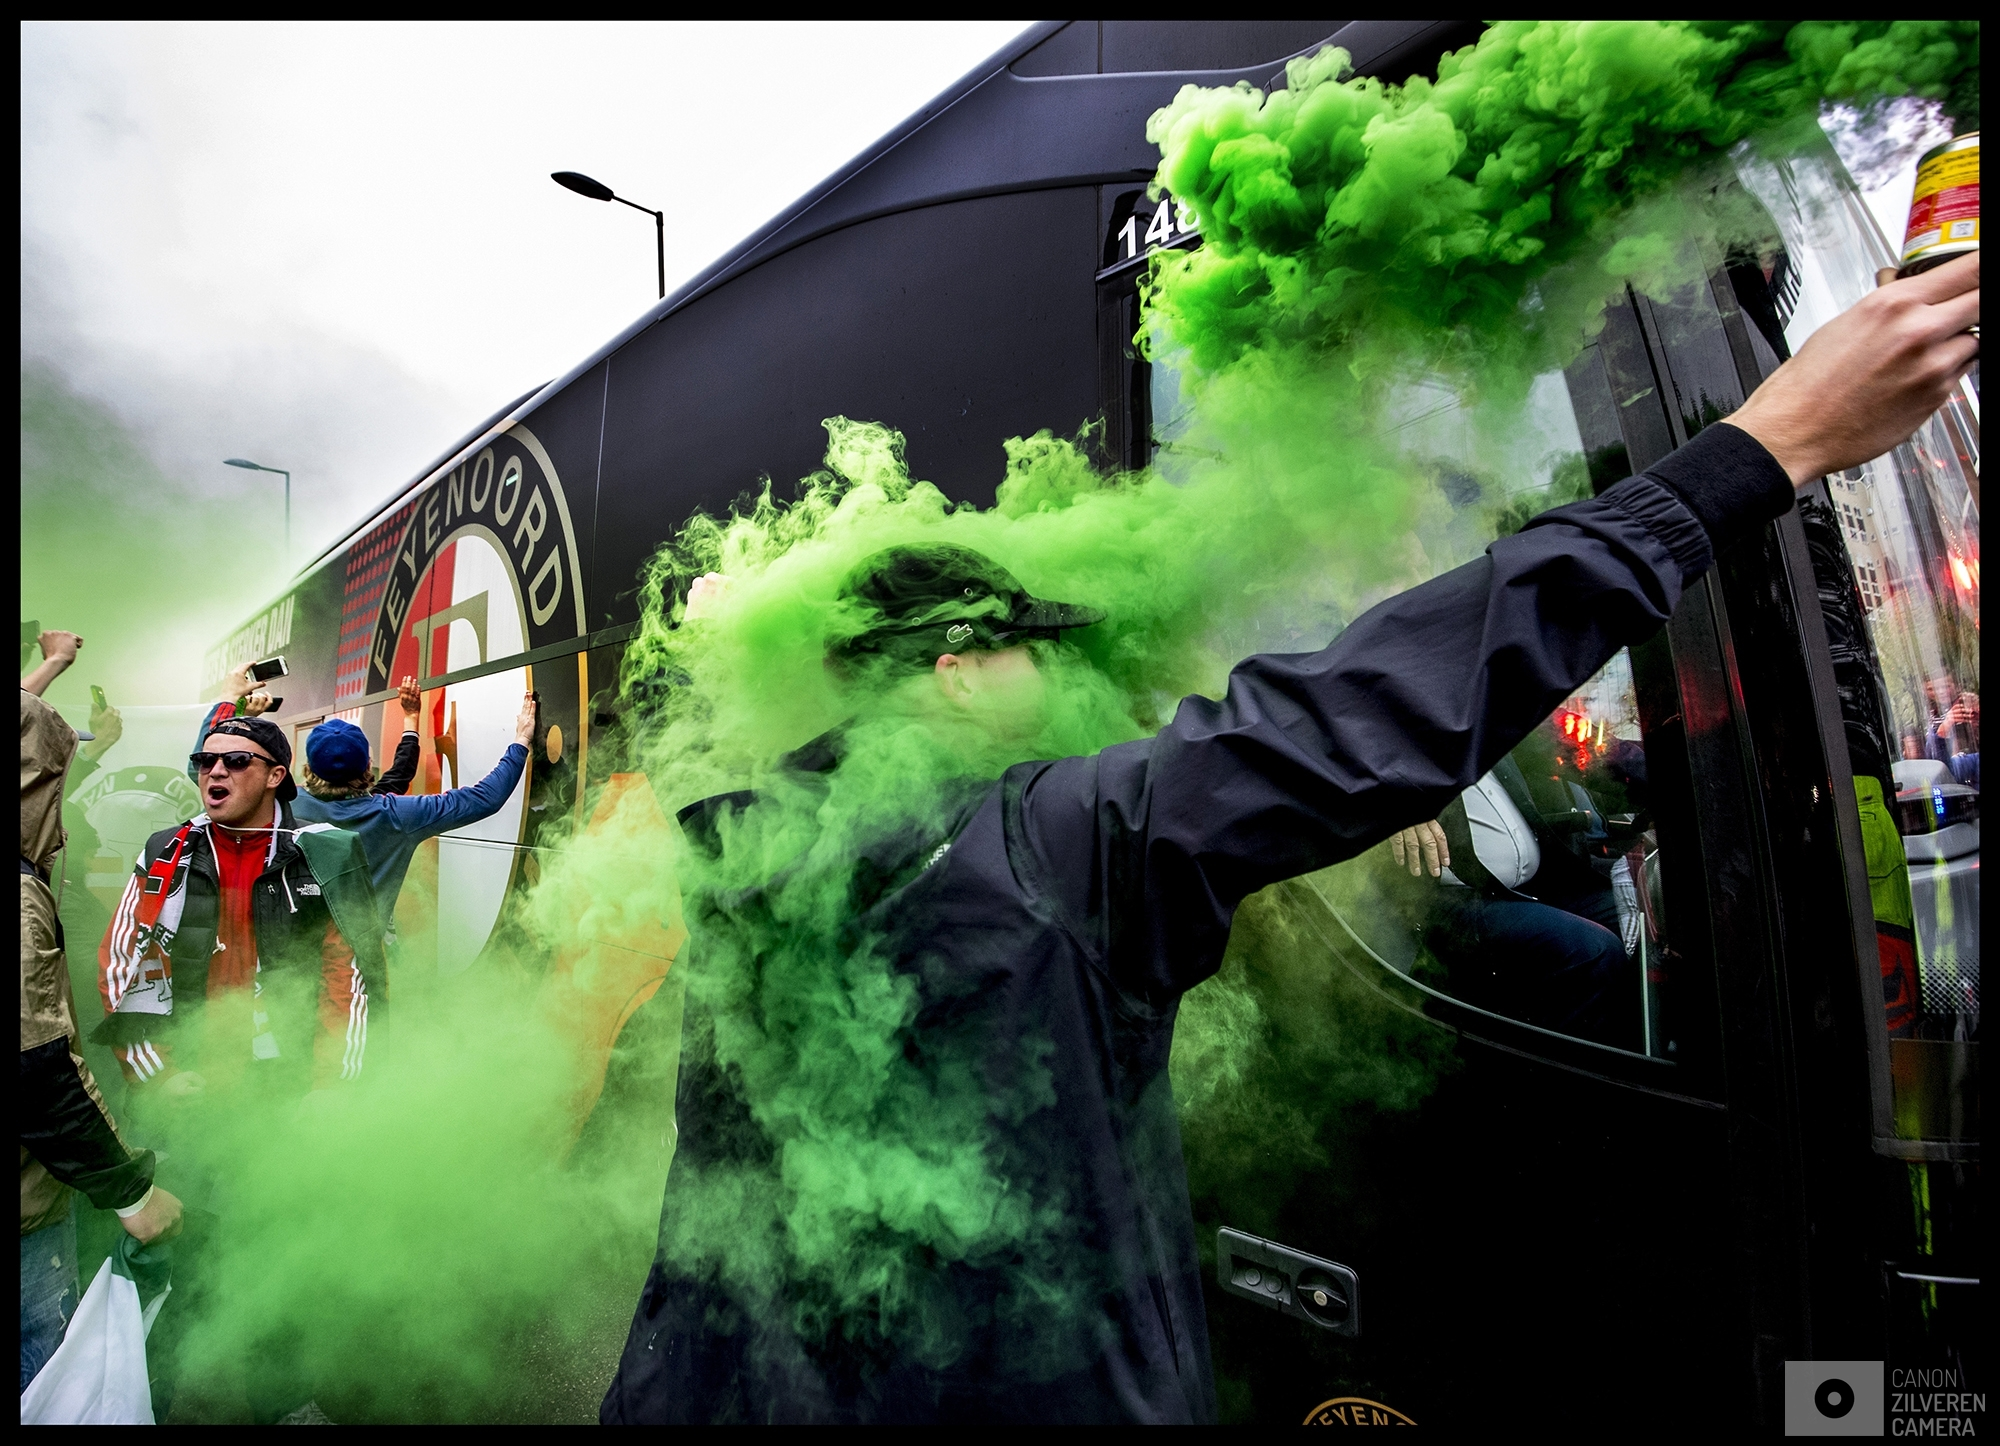 Nederland, Rotterdam, 07-05-2017Serie landskampioenschap Feyenoord seizoen 2016/2017Foto 1De Feyenoord-bus komt aan bij het stadion Woudestein voor het duel tegen Excelsior waar Feyenoord de kans had om landskampioen te worden maar ze werden door de stadgenoot verslagen en moesten nog een week wachten waarna het tegen Heracles in de Kuip wel lukte de eerste landstitel sinds 18 jaar binnen te halen.